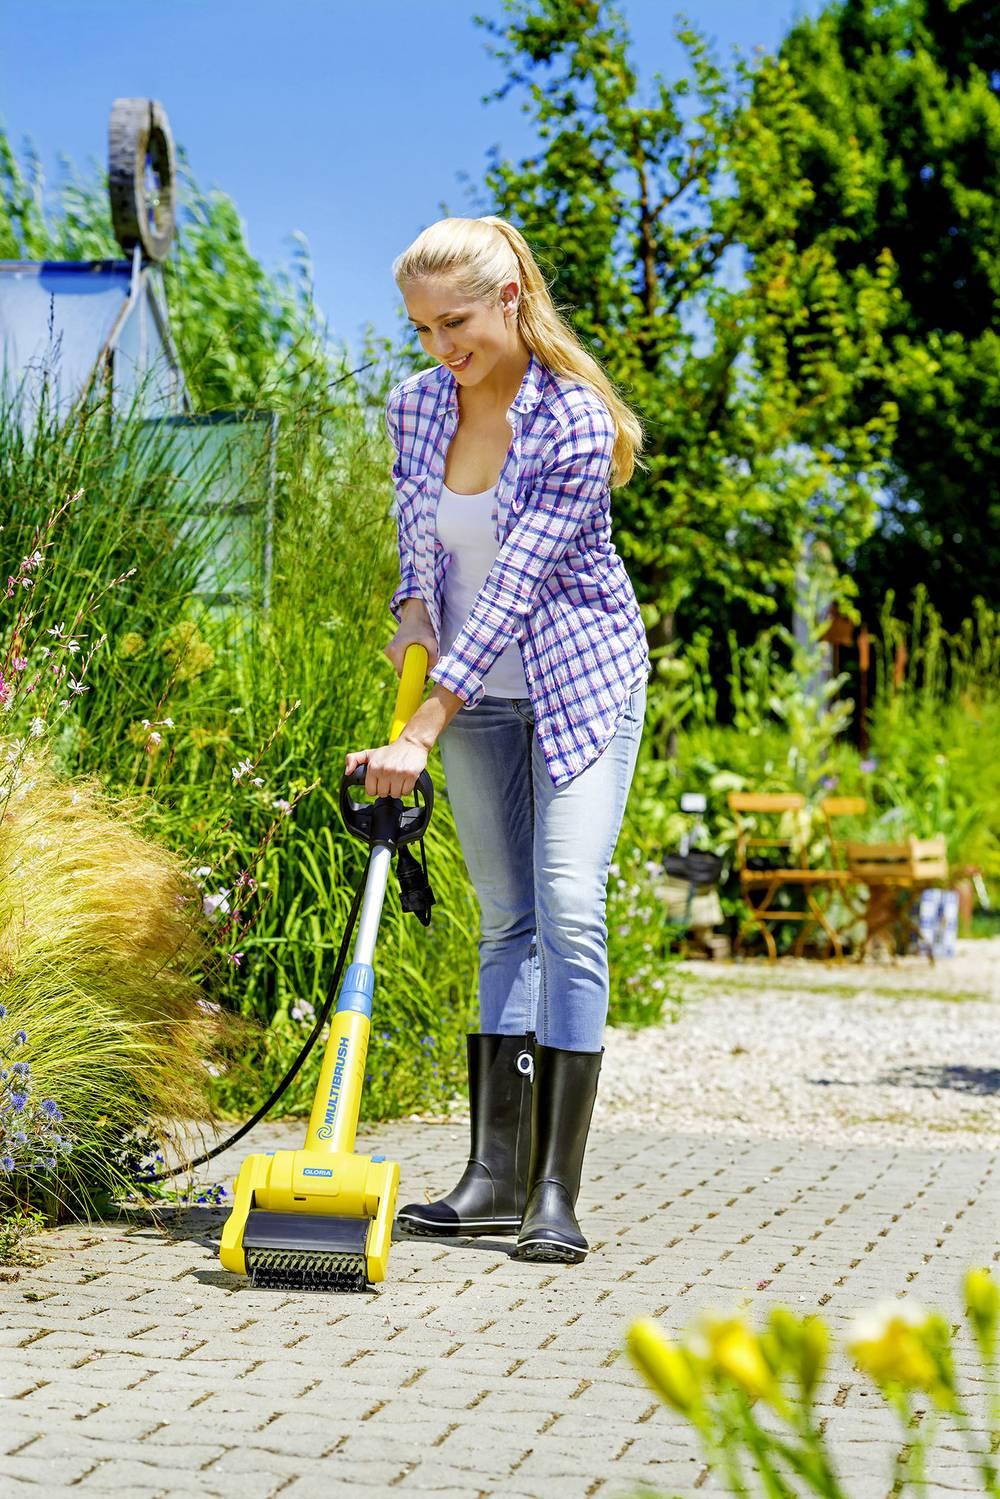 Haus Und Garten: Nettoyeur Pour Joints, Laveur De Sol 230 V Gloria Haus Und